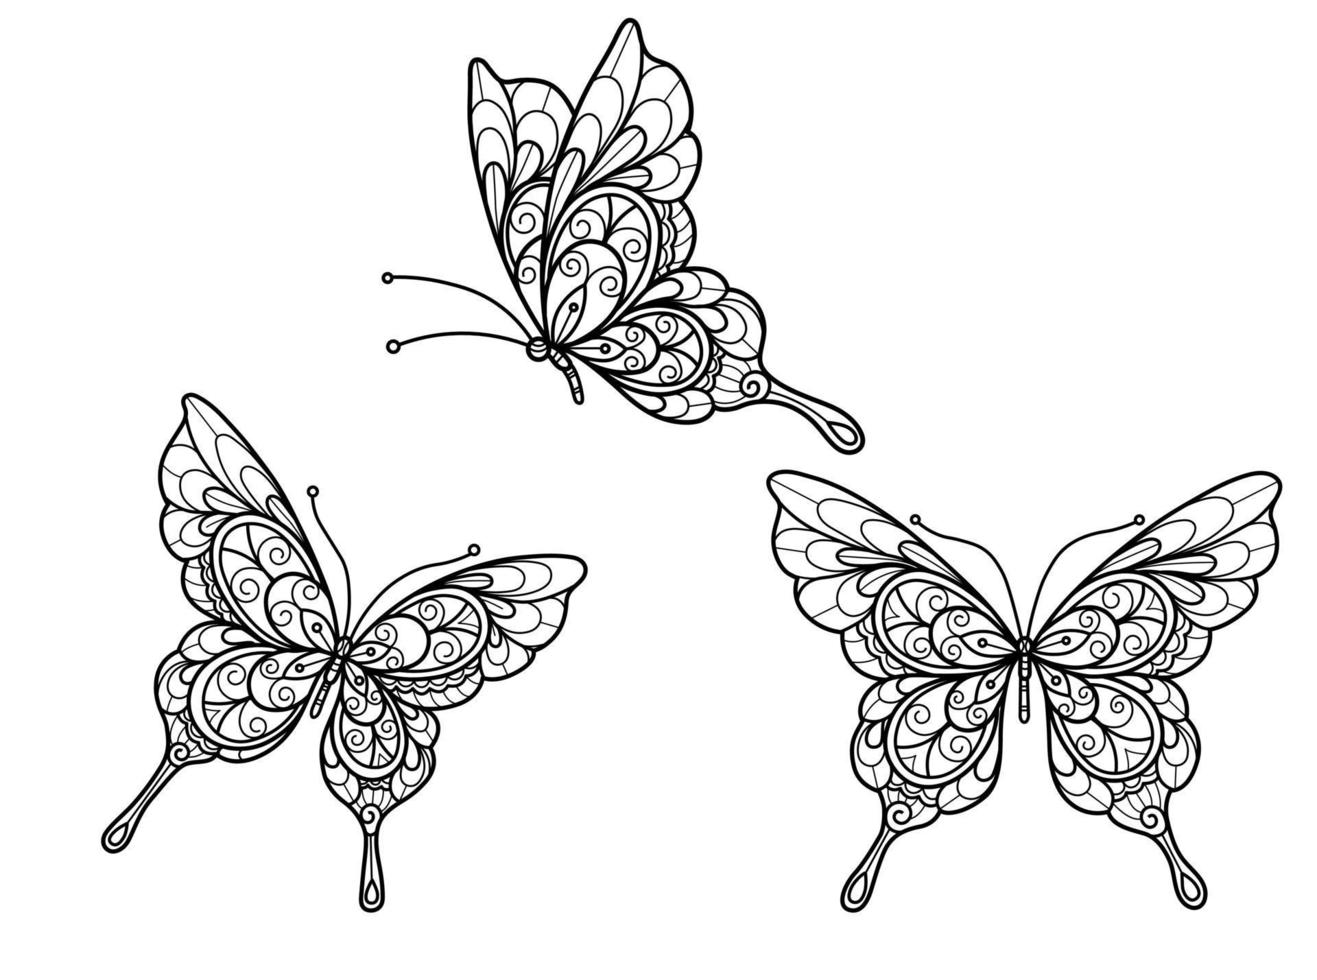 vlinder op witte achtergrond. hand getrokken schets voor volwassen kleurboek vector